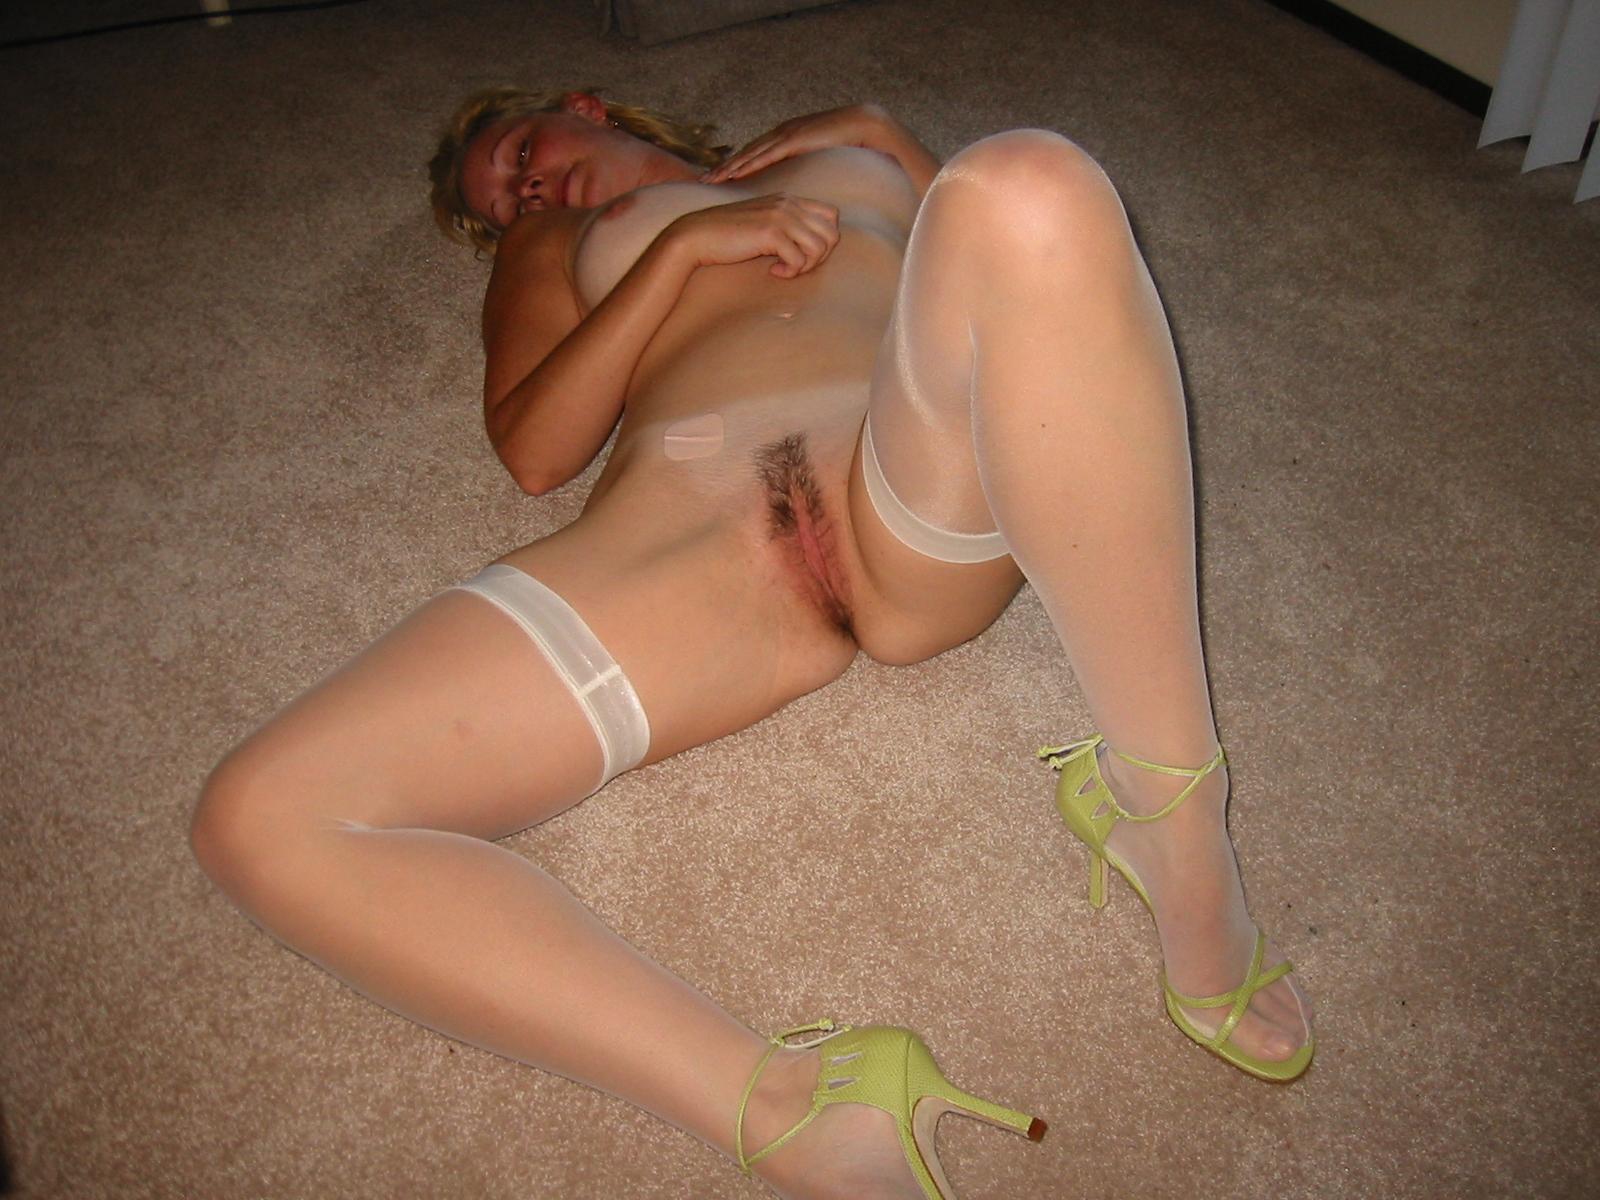 Фото голой пьяной блондинки 16 фотография